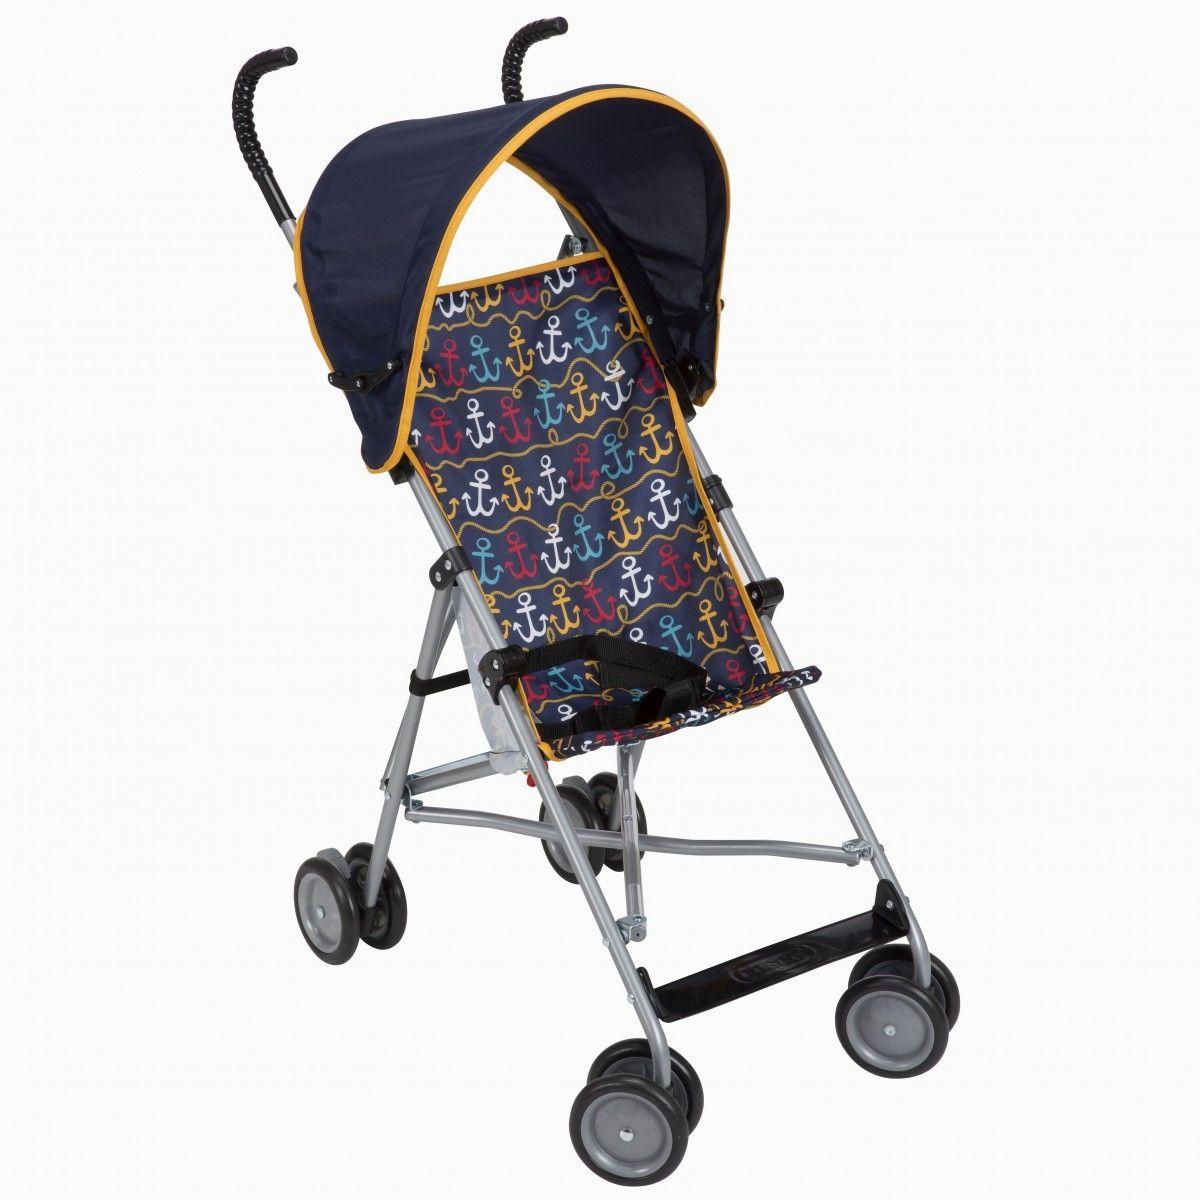 Reclining umbrella stroller created especially for